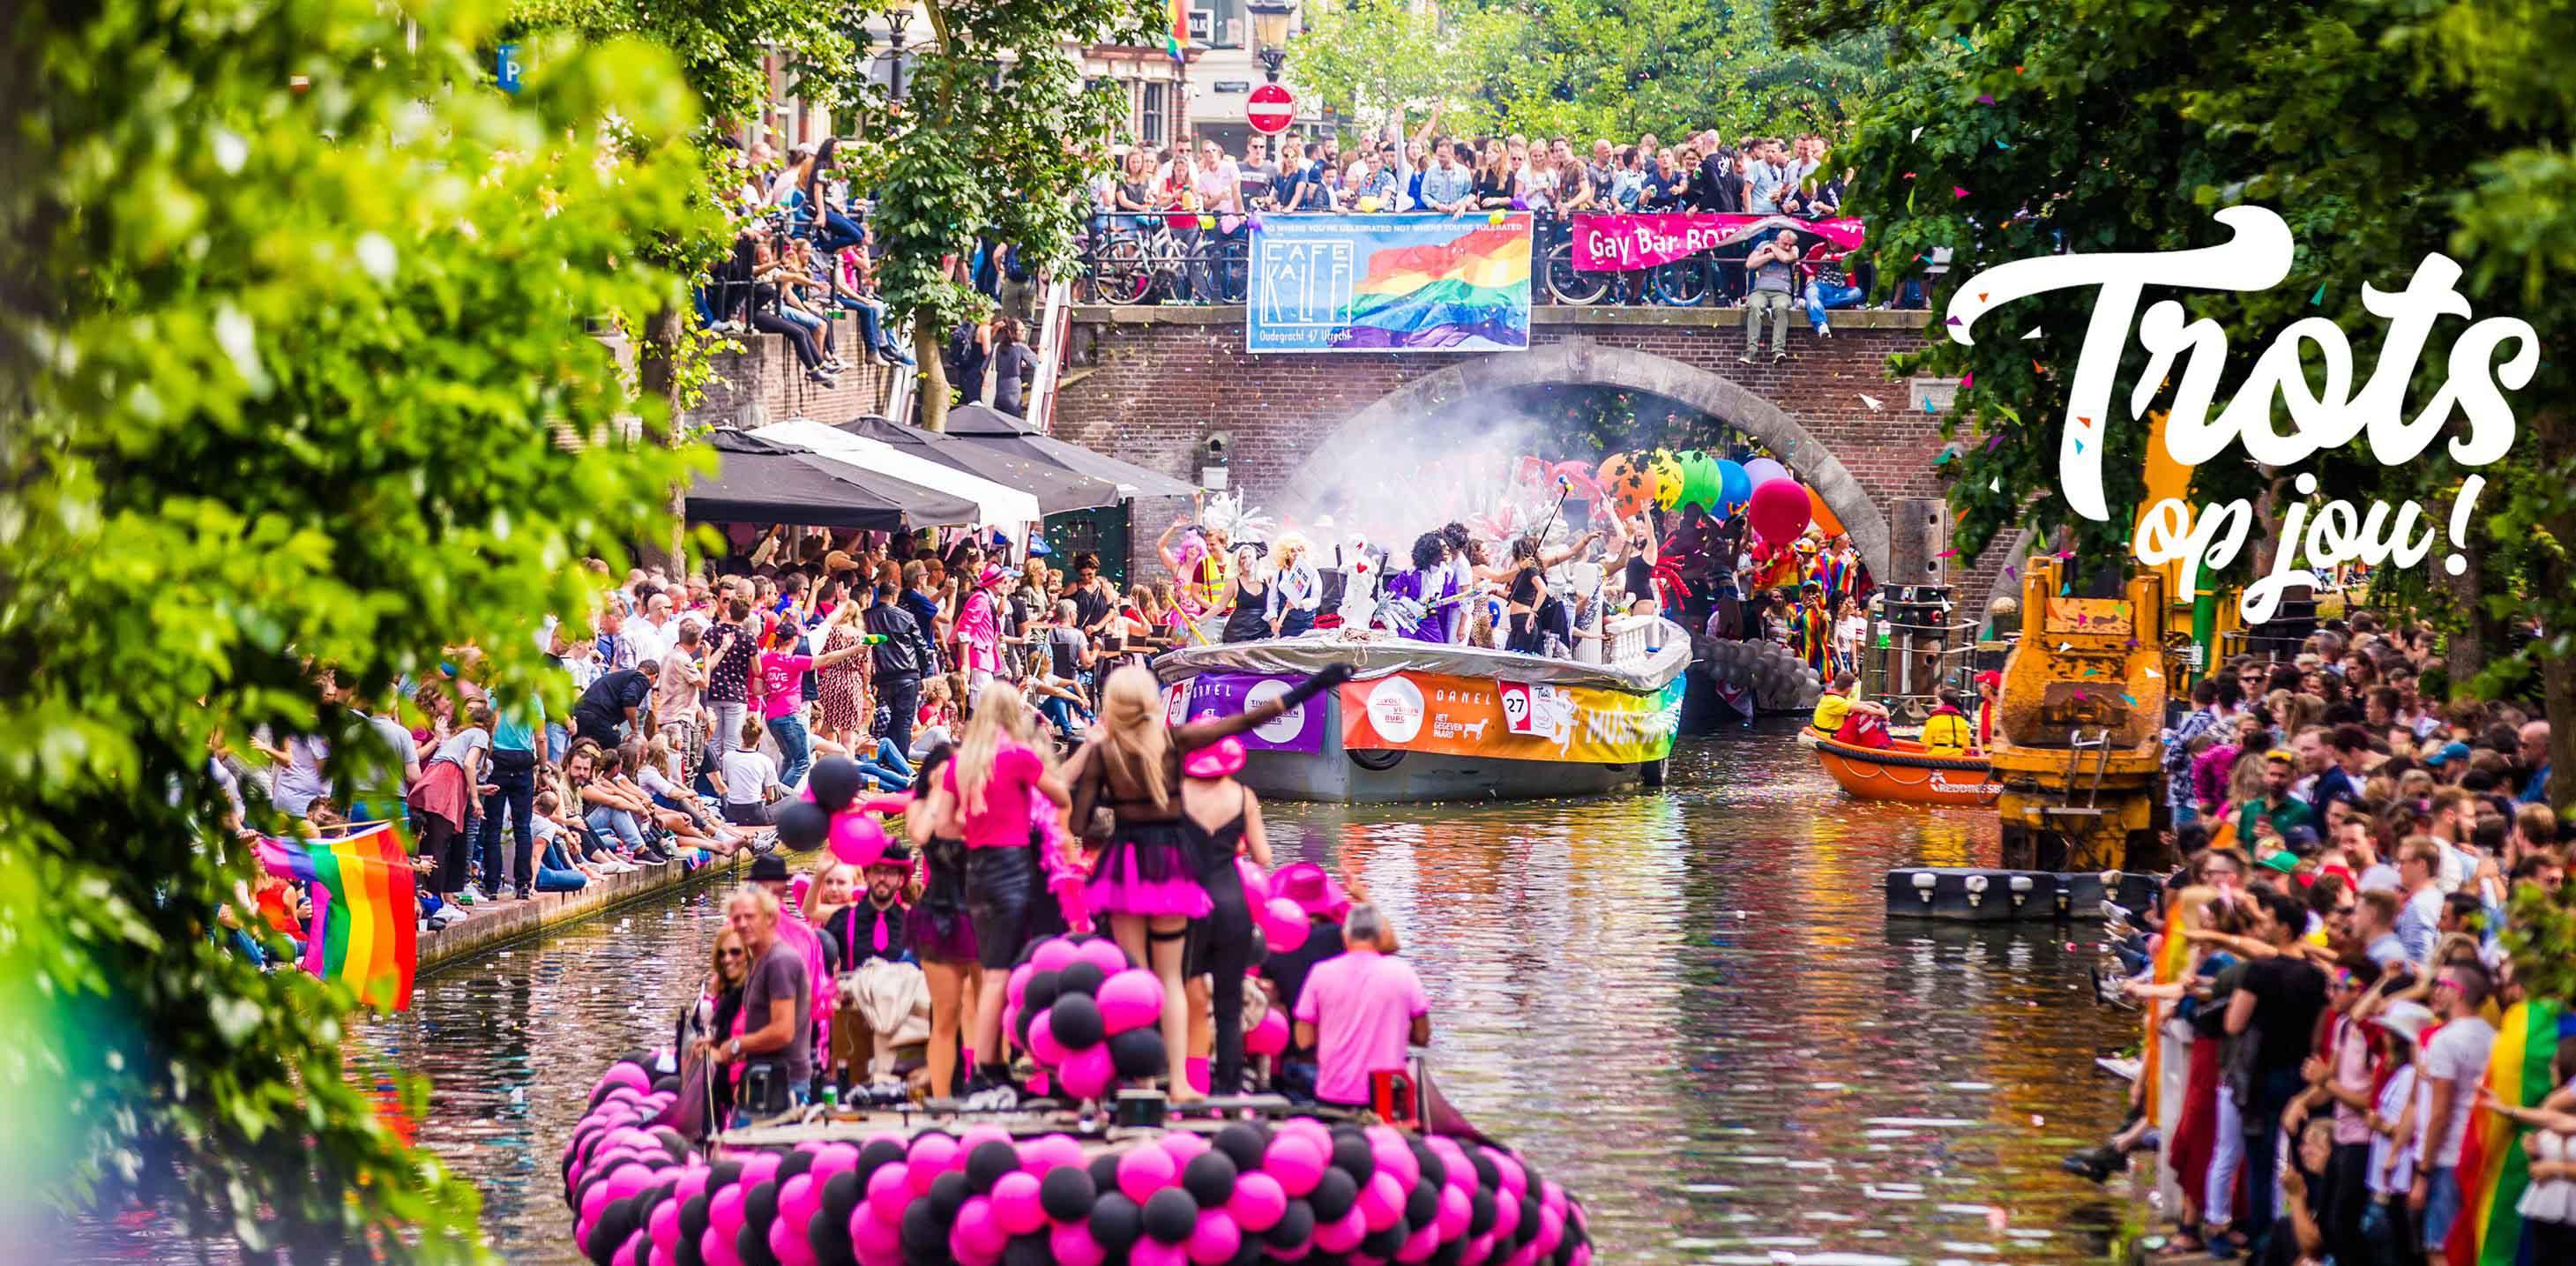 Afbeeldingsresultaat voor utrecht canal pride